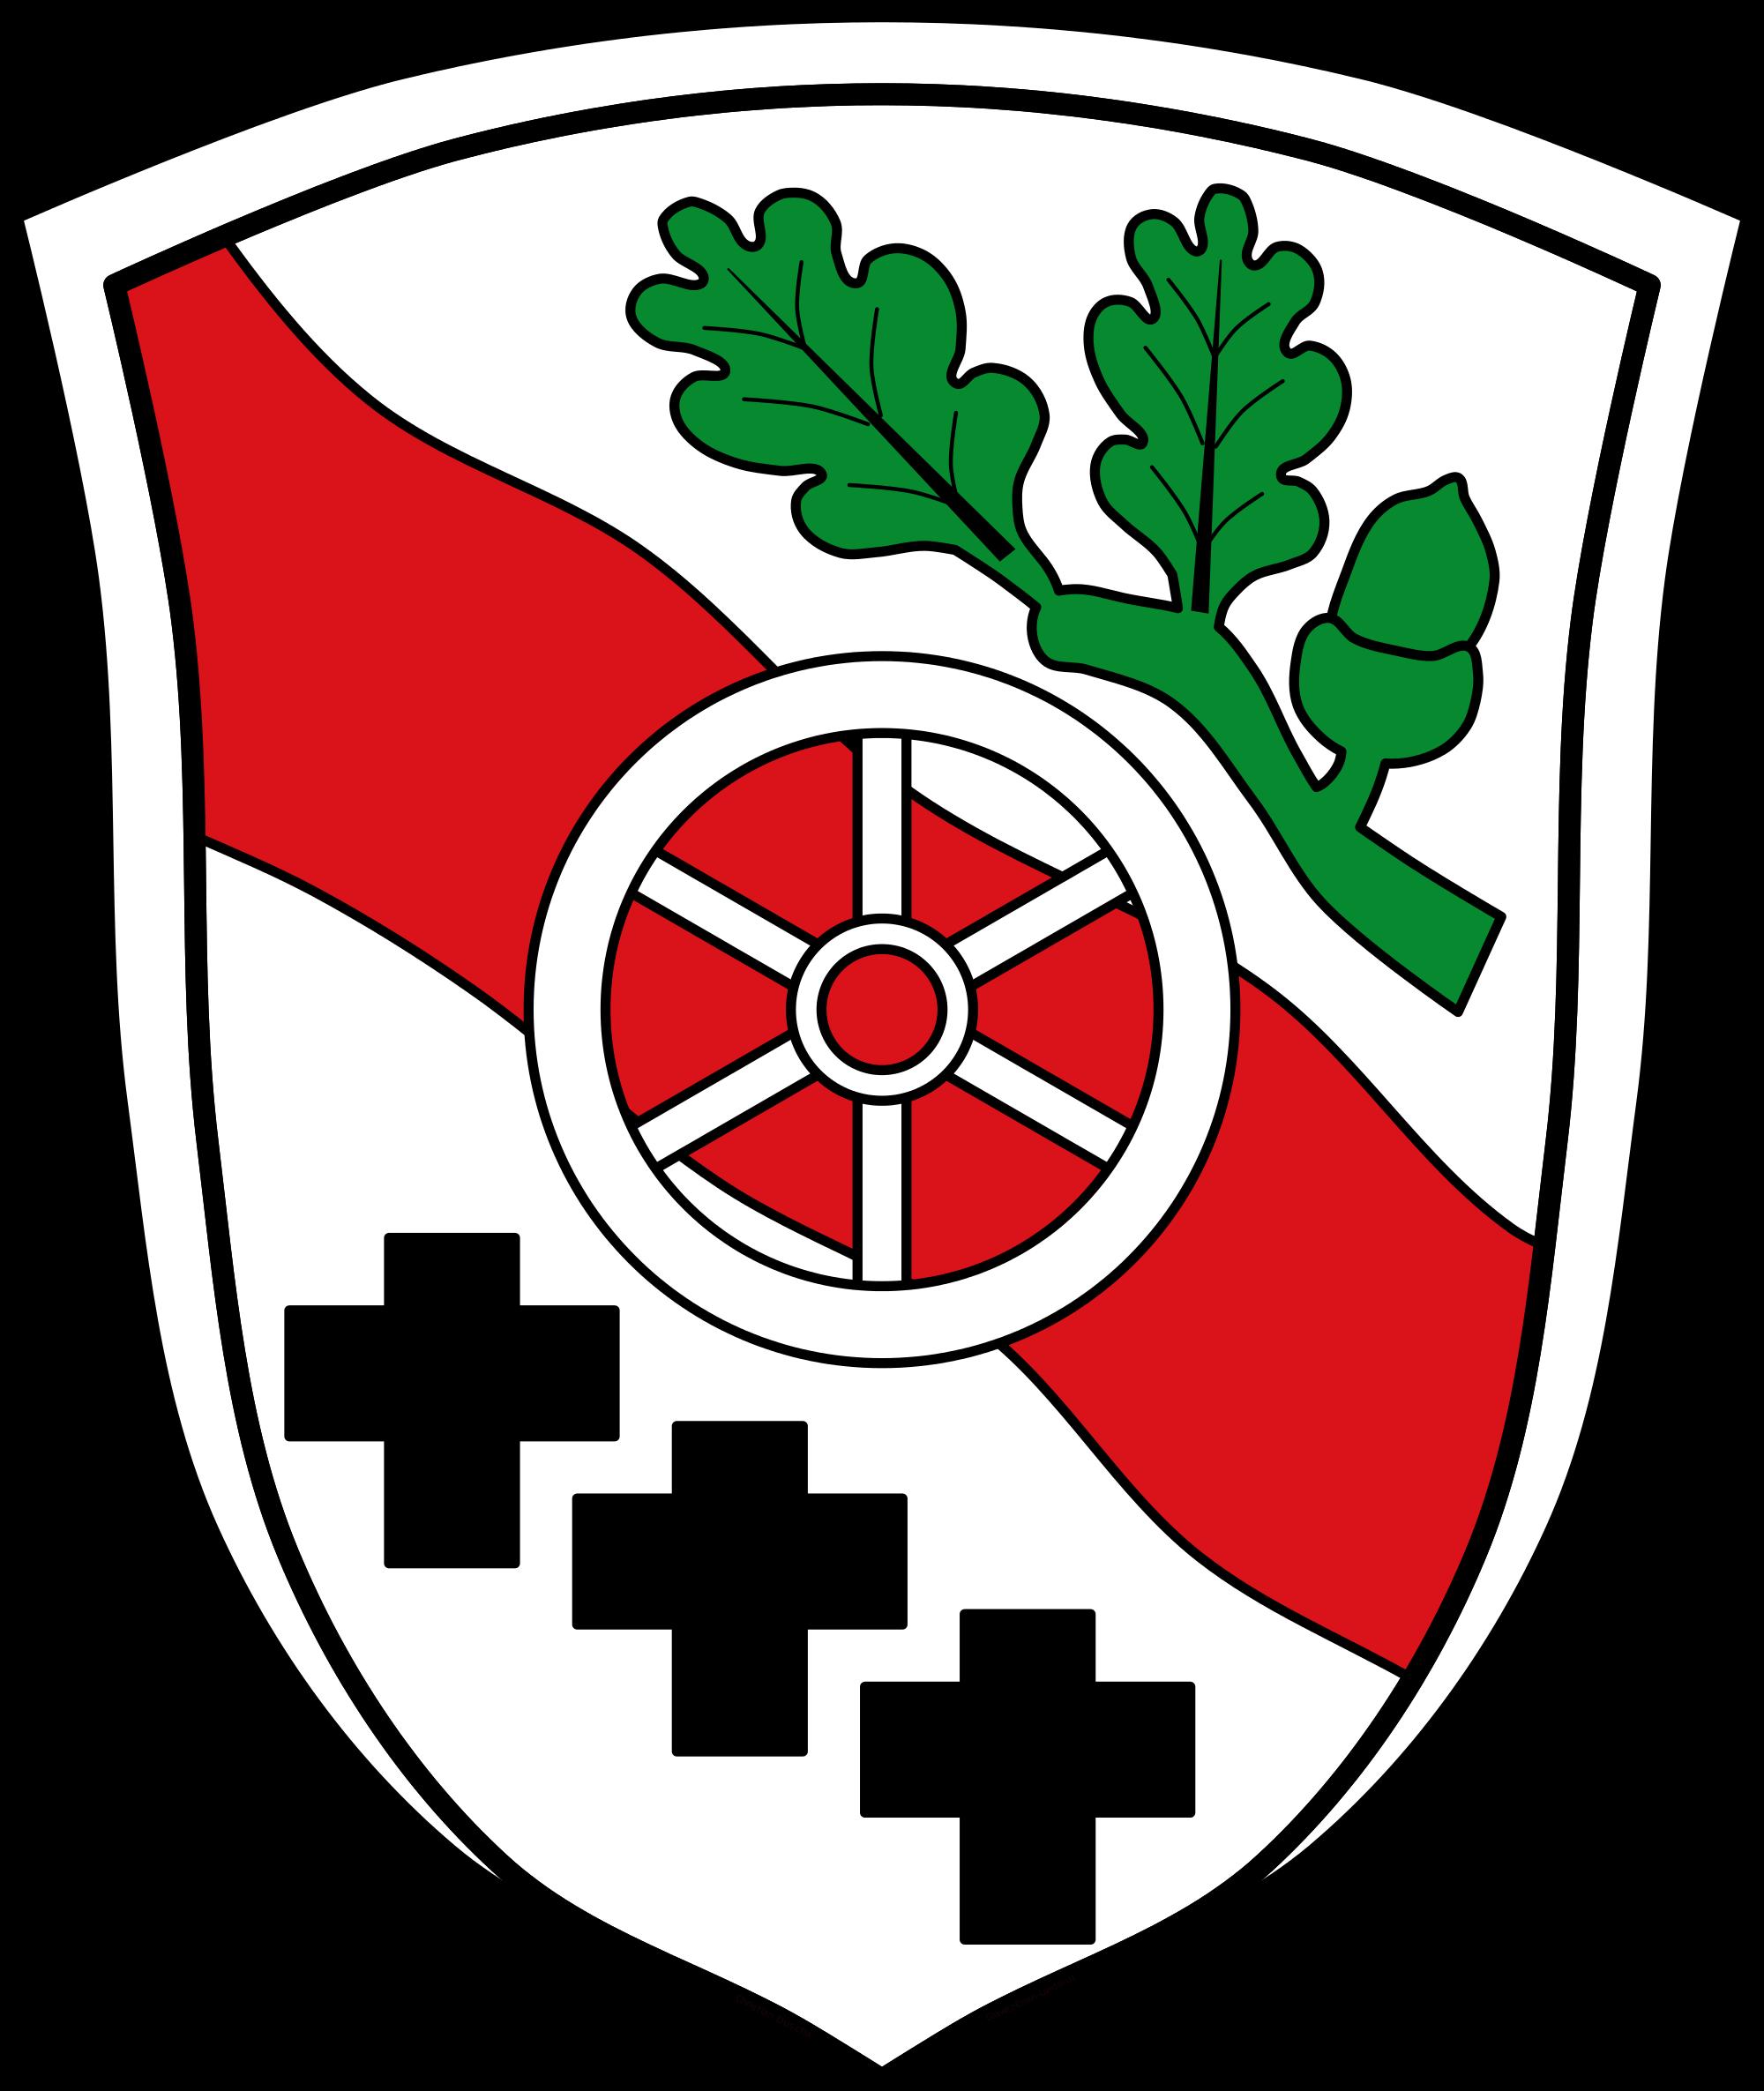 File:Wappen von Haibach (Unterfranken).svg.